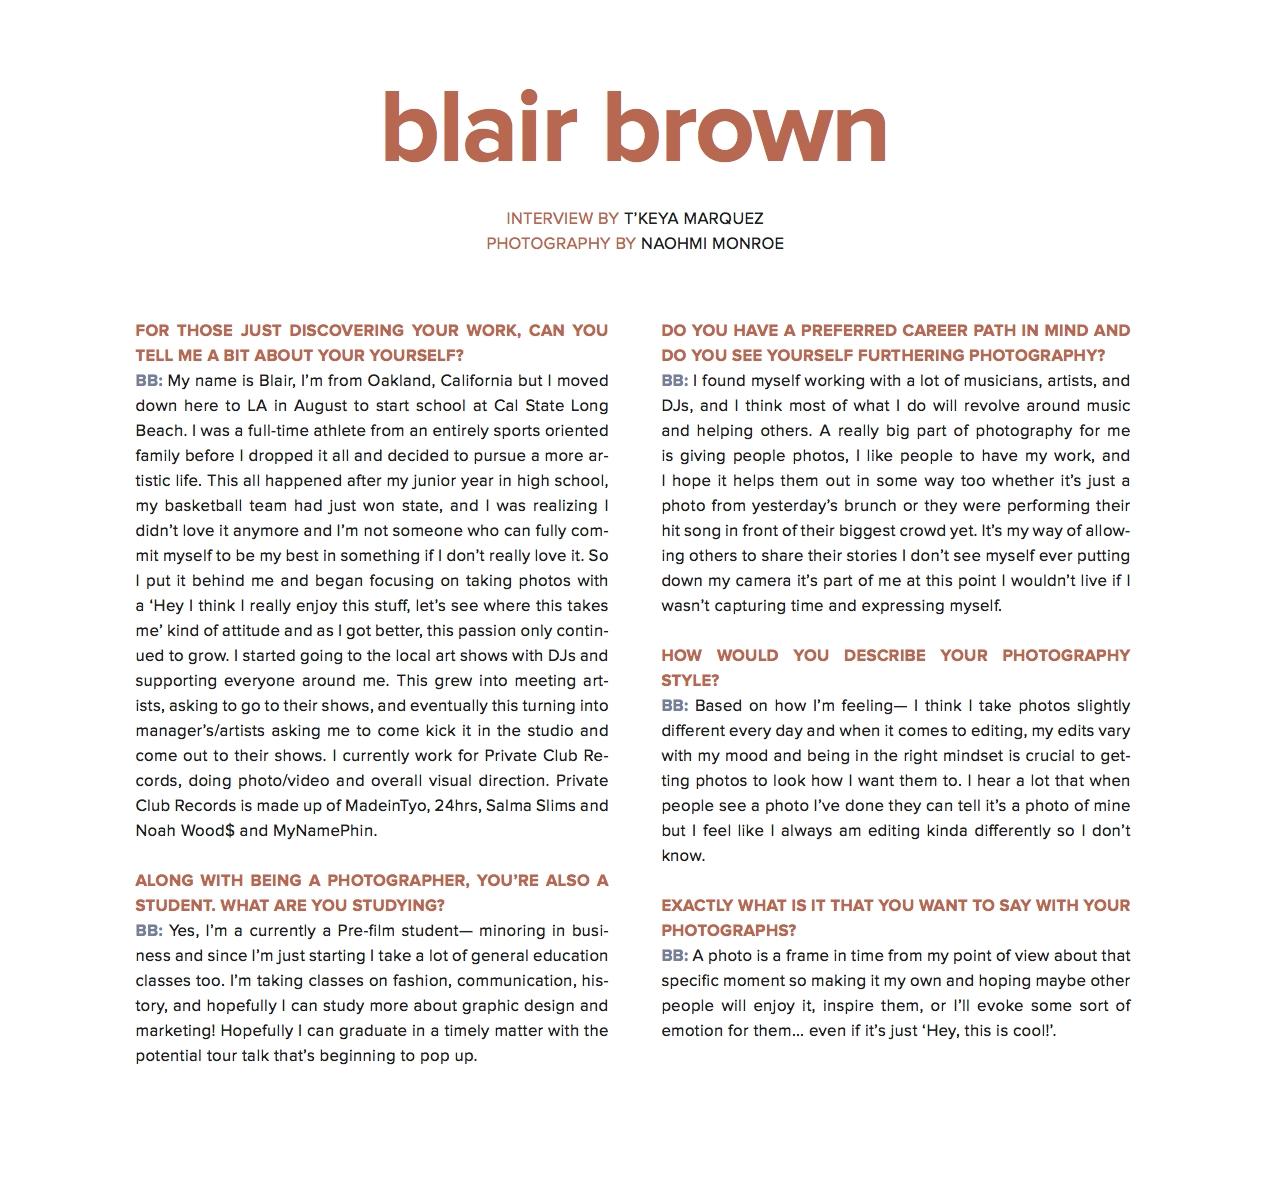 LW MAR 2017 - BLAIR BROWN JPEGS.jpg